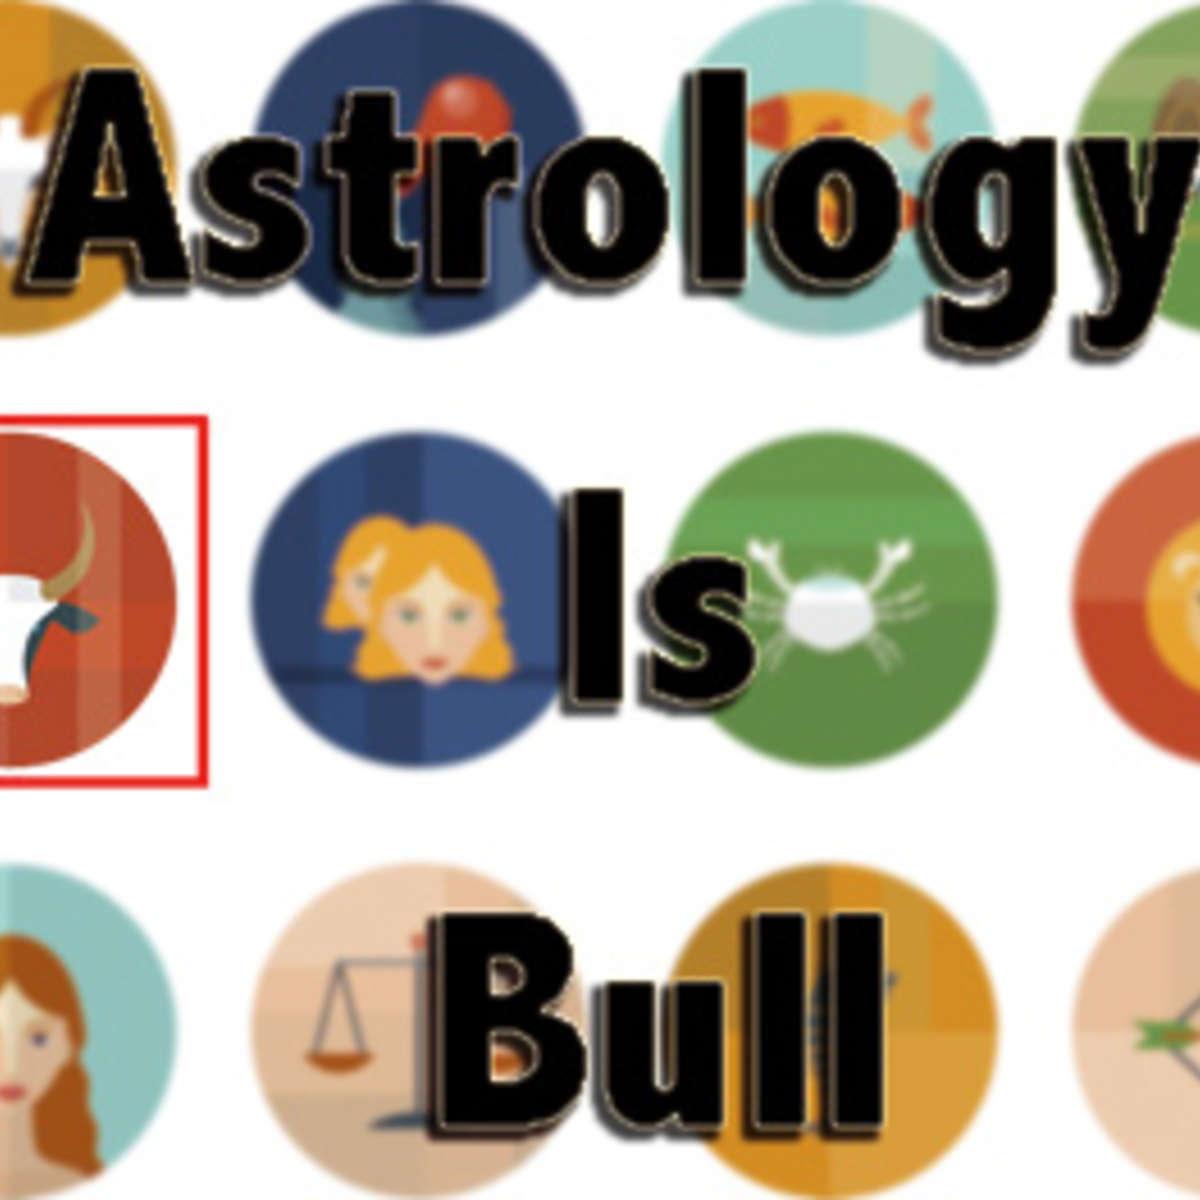 astrology_is_bull_354.jpg